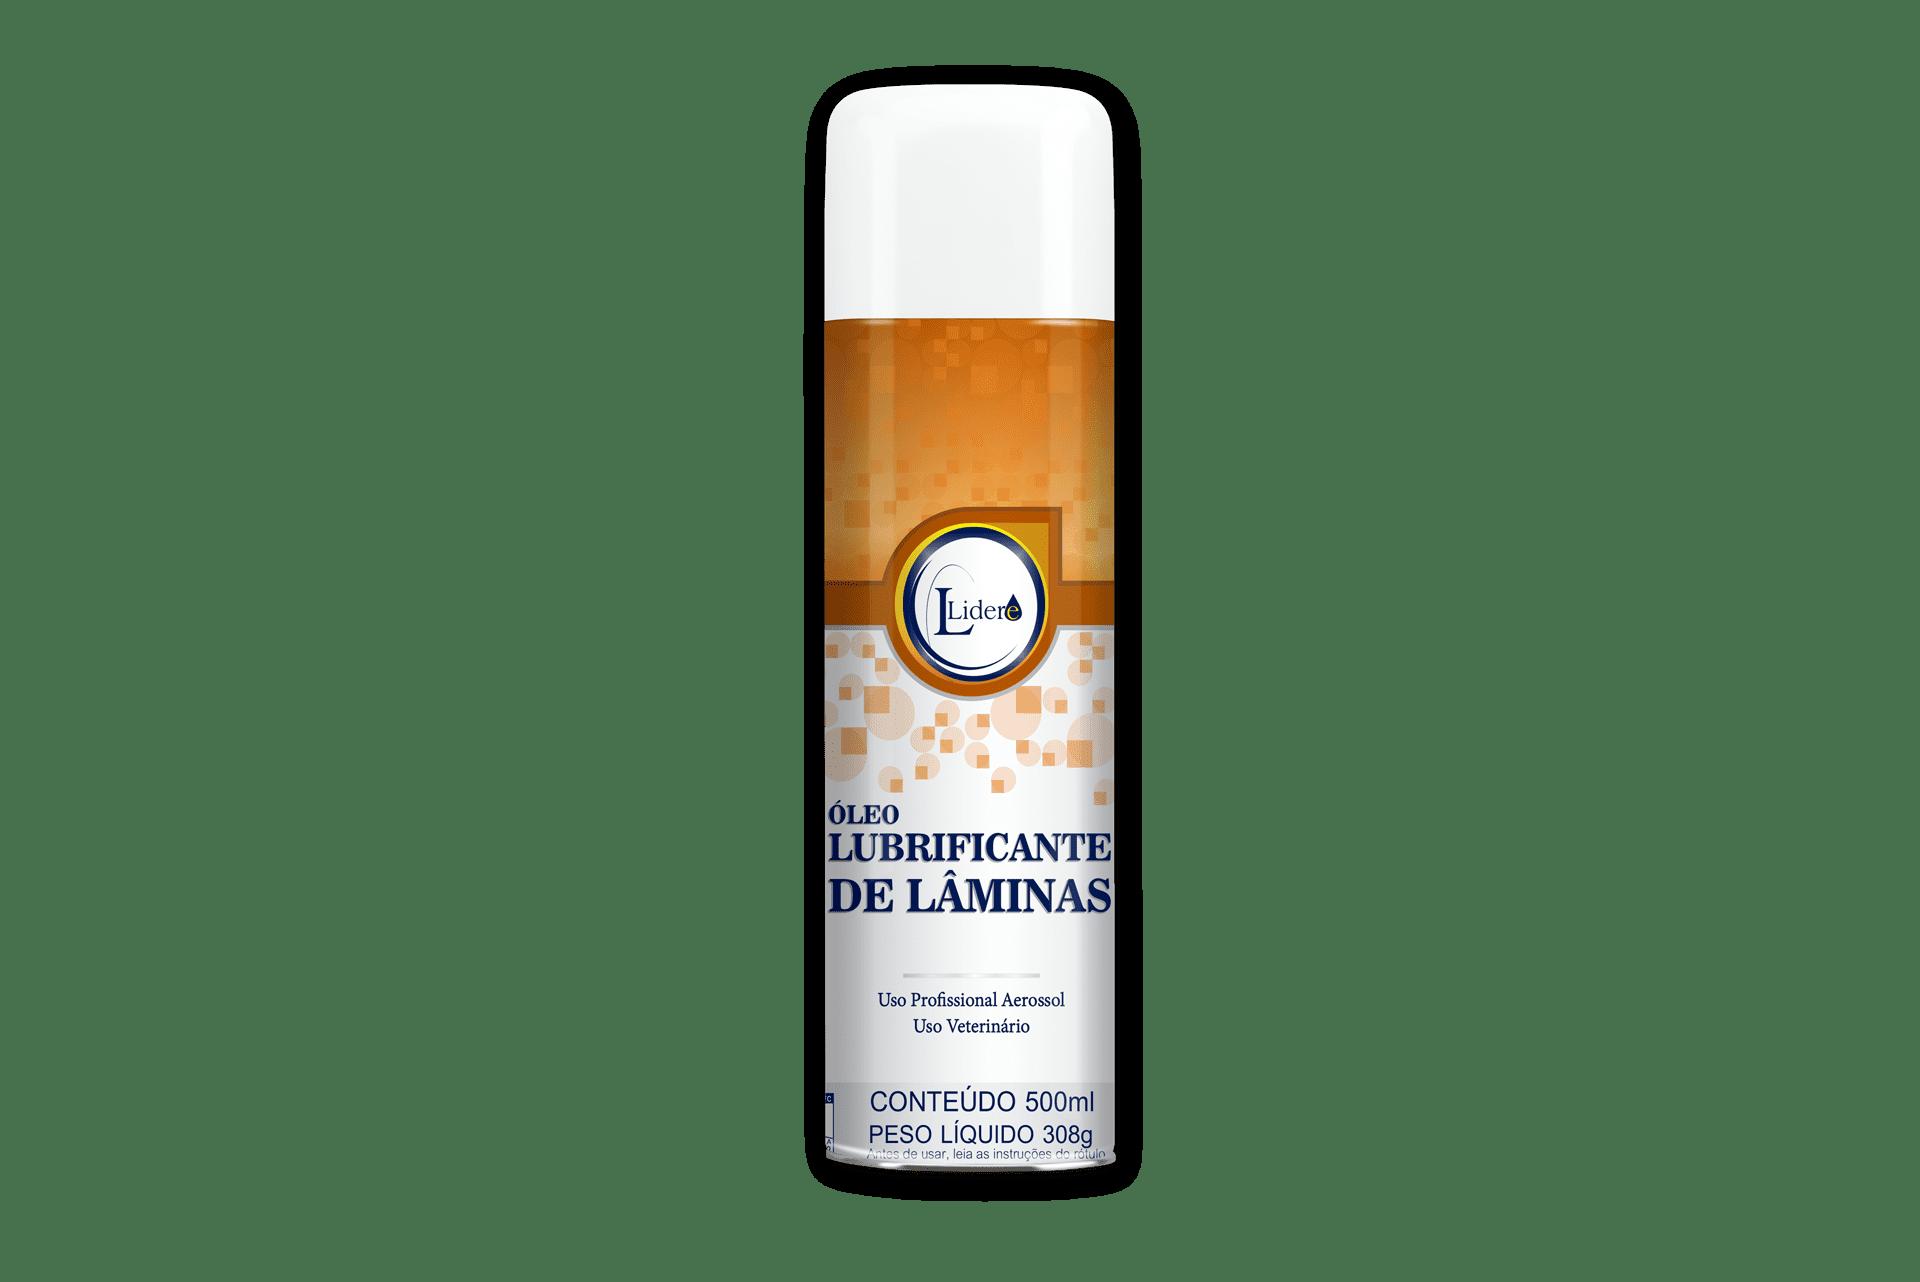 Foto do produto LLidere Óleo Lubrificante de Lâminas 500 ml para visualização